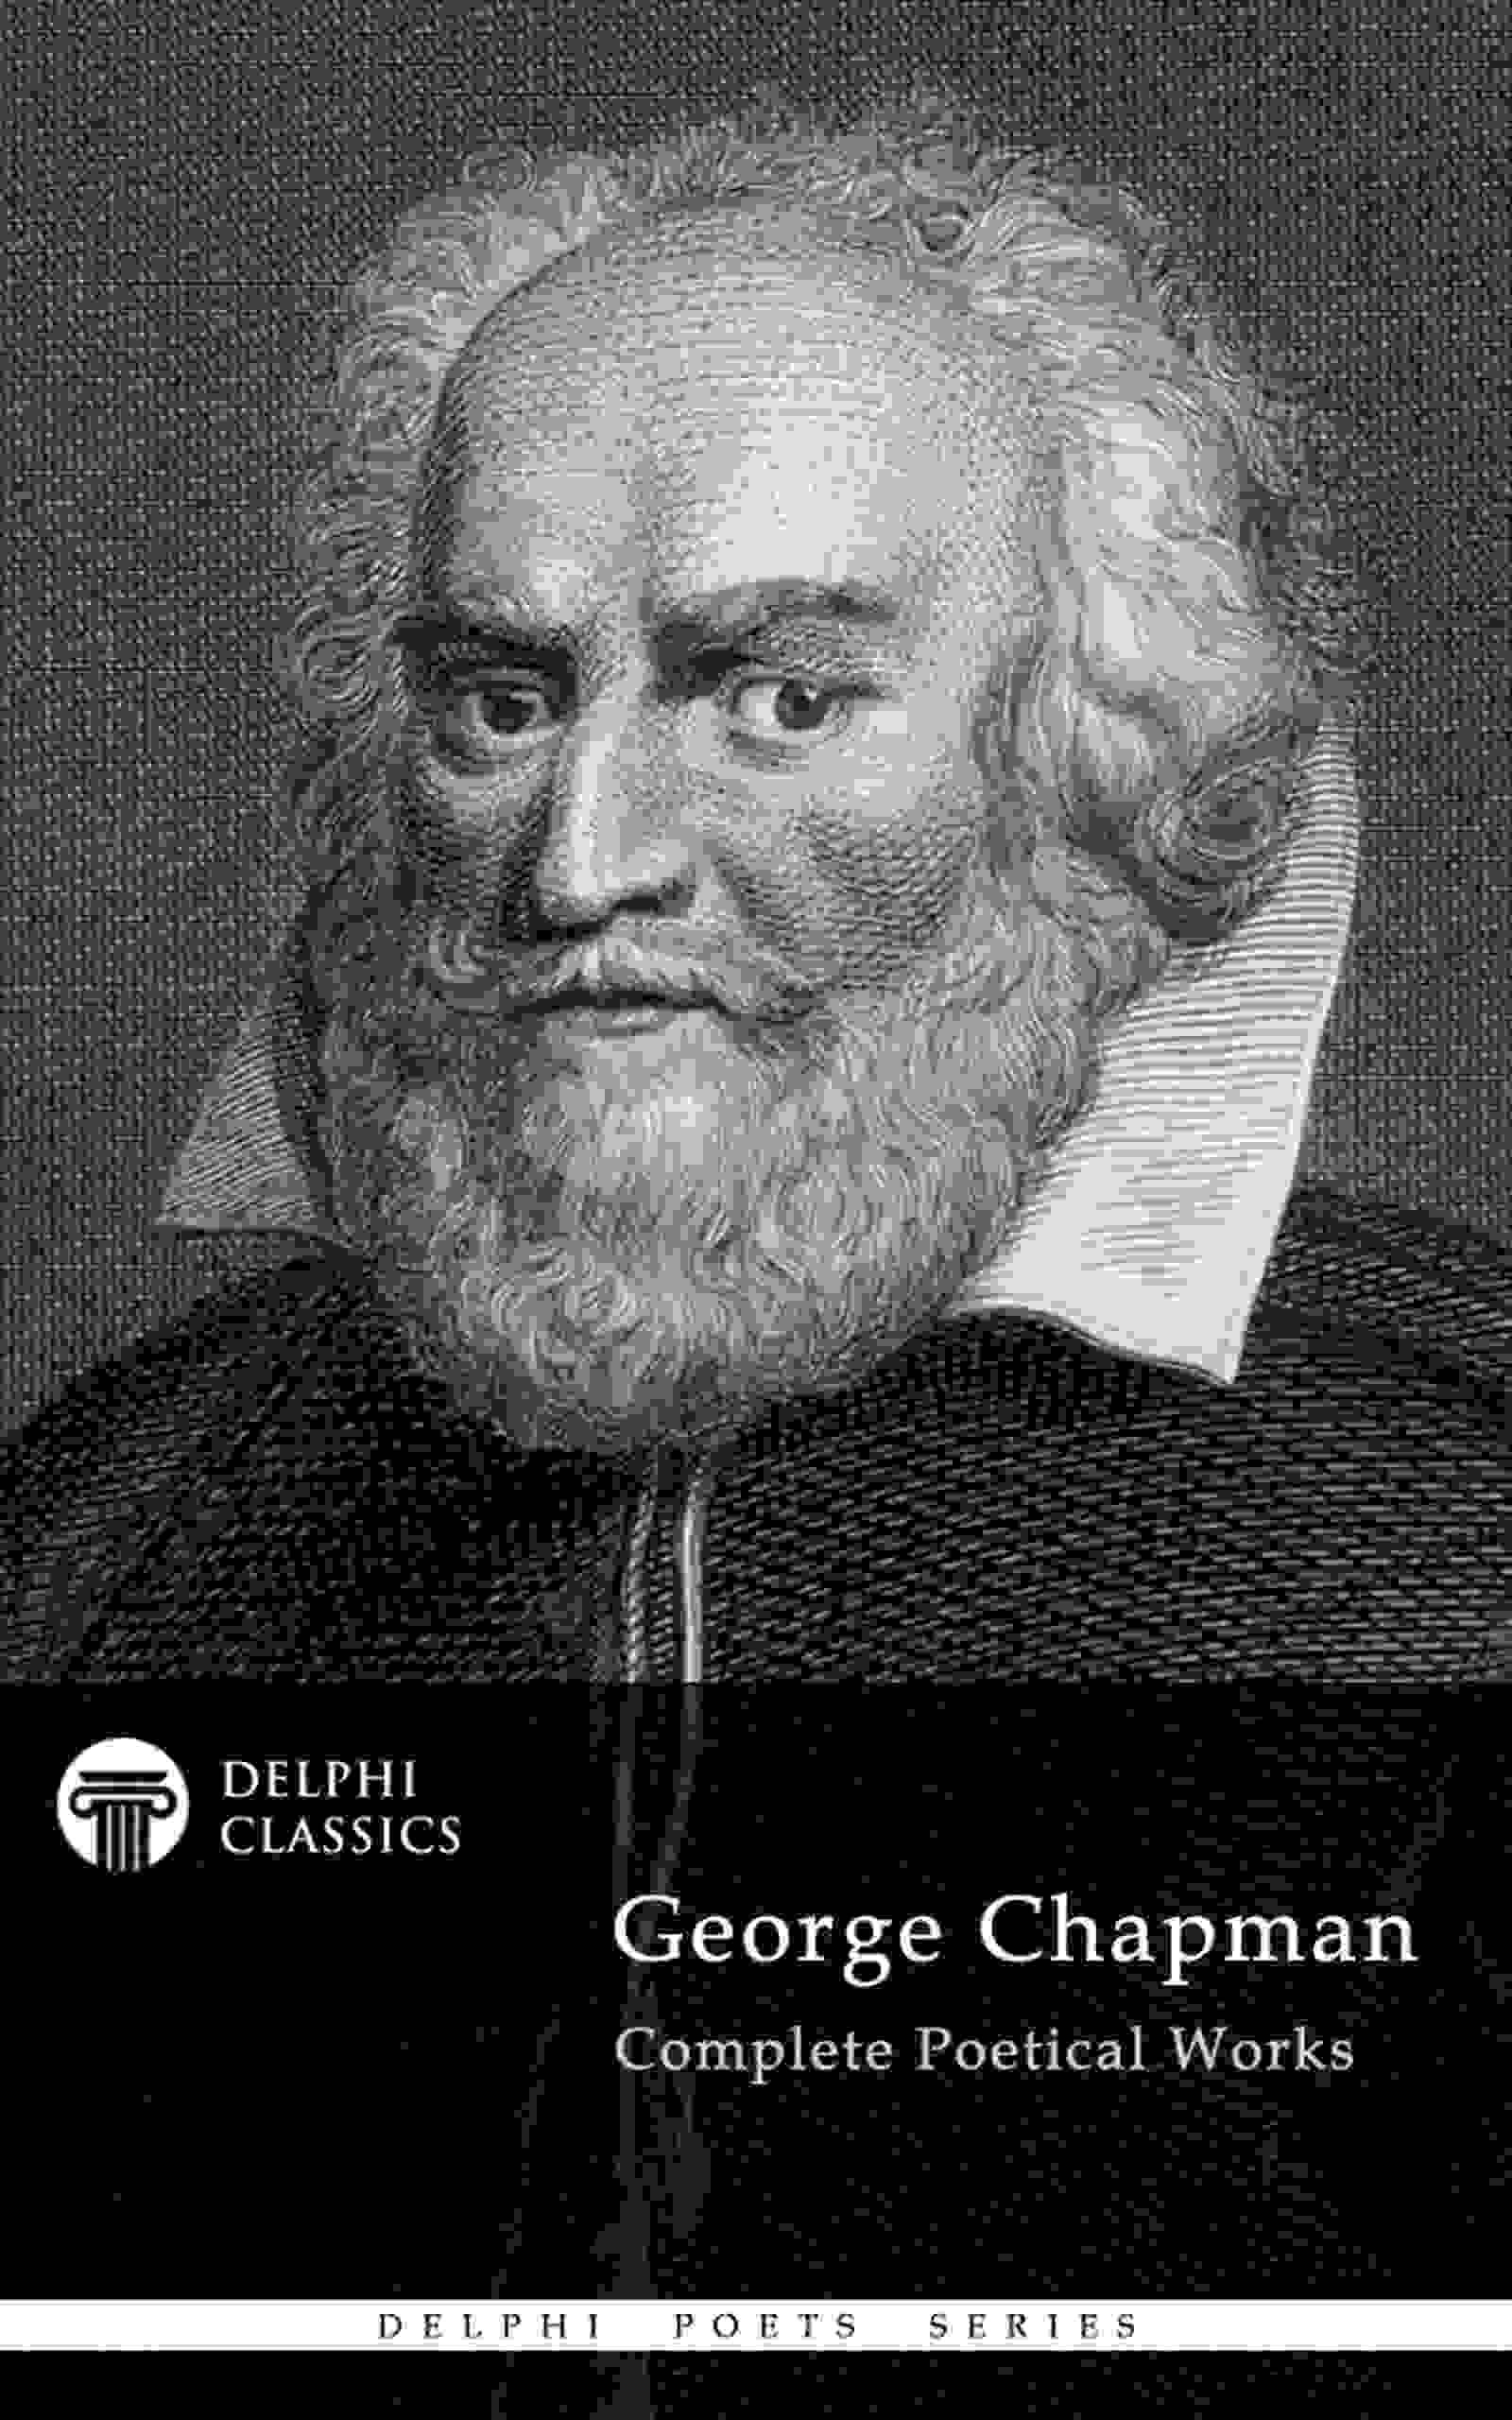 George Chapman renaissance